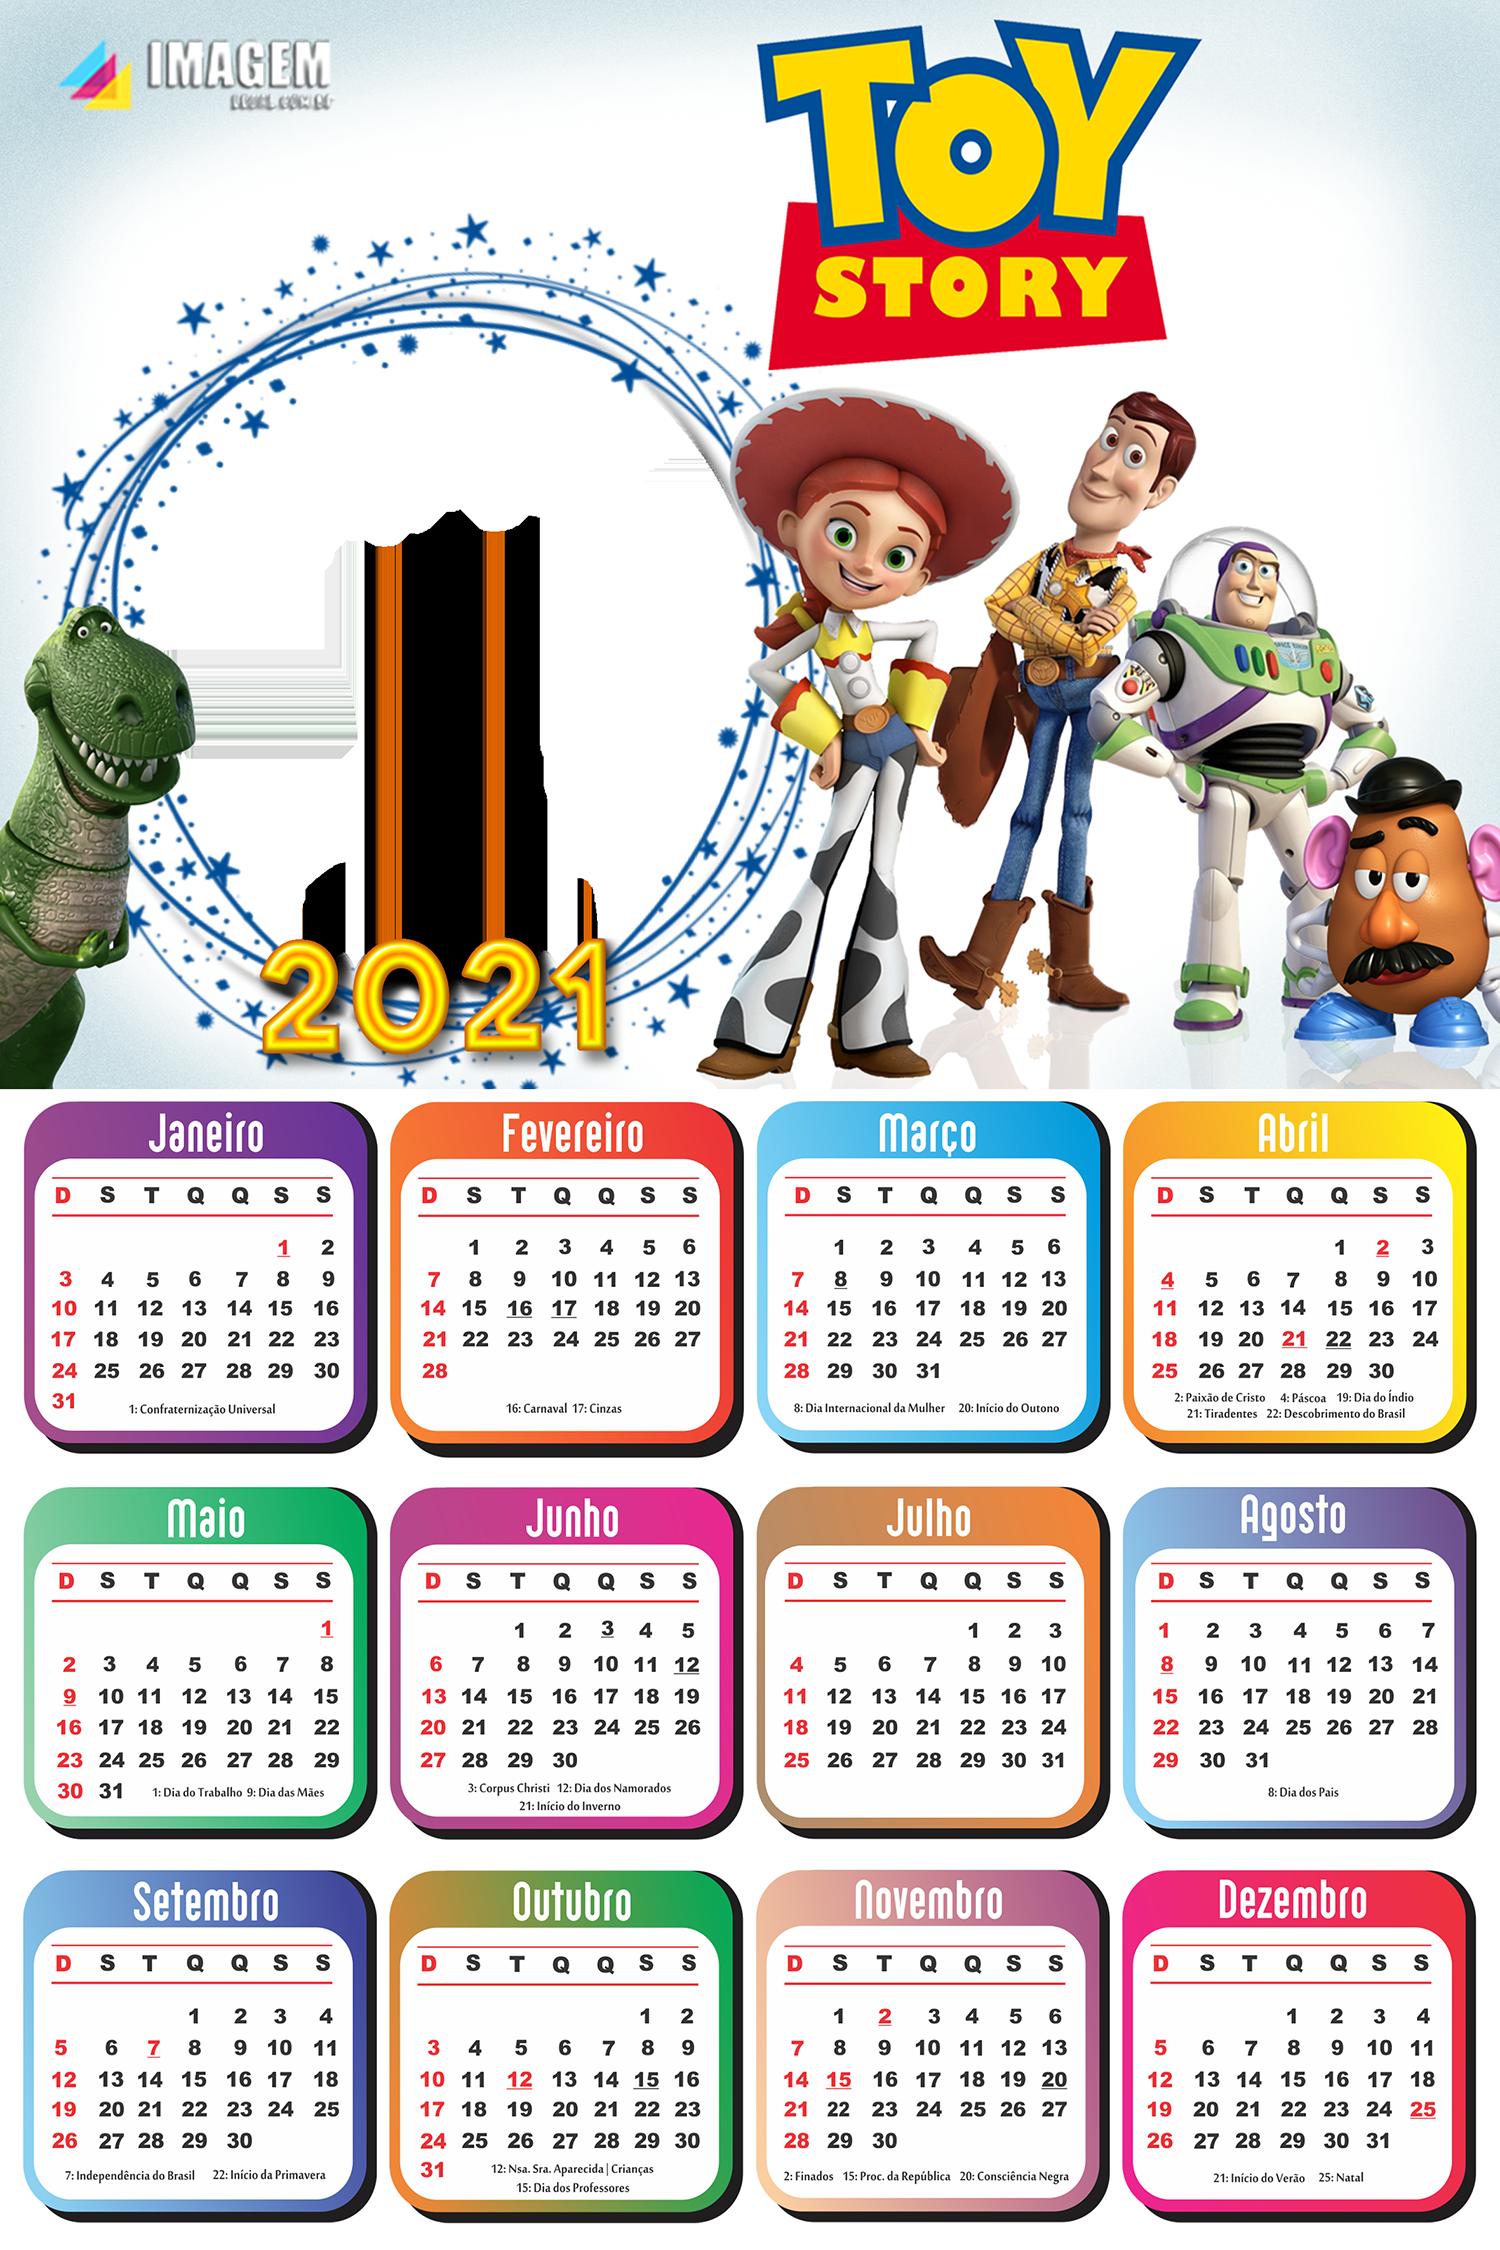 Foto Montagem Grátis Calendário 2021 Toy Story